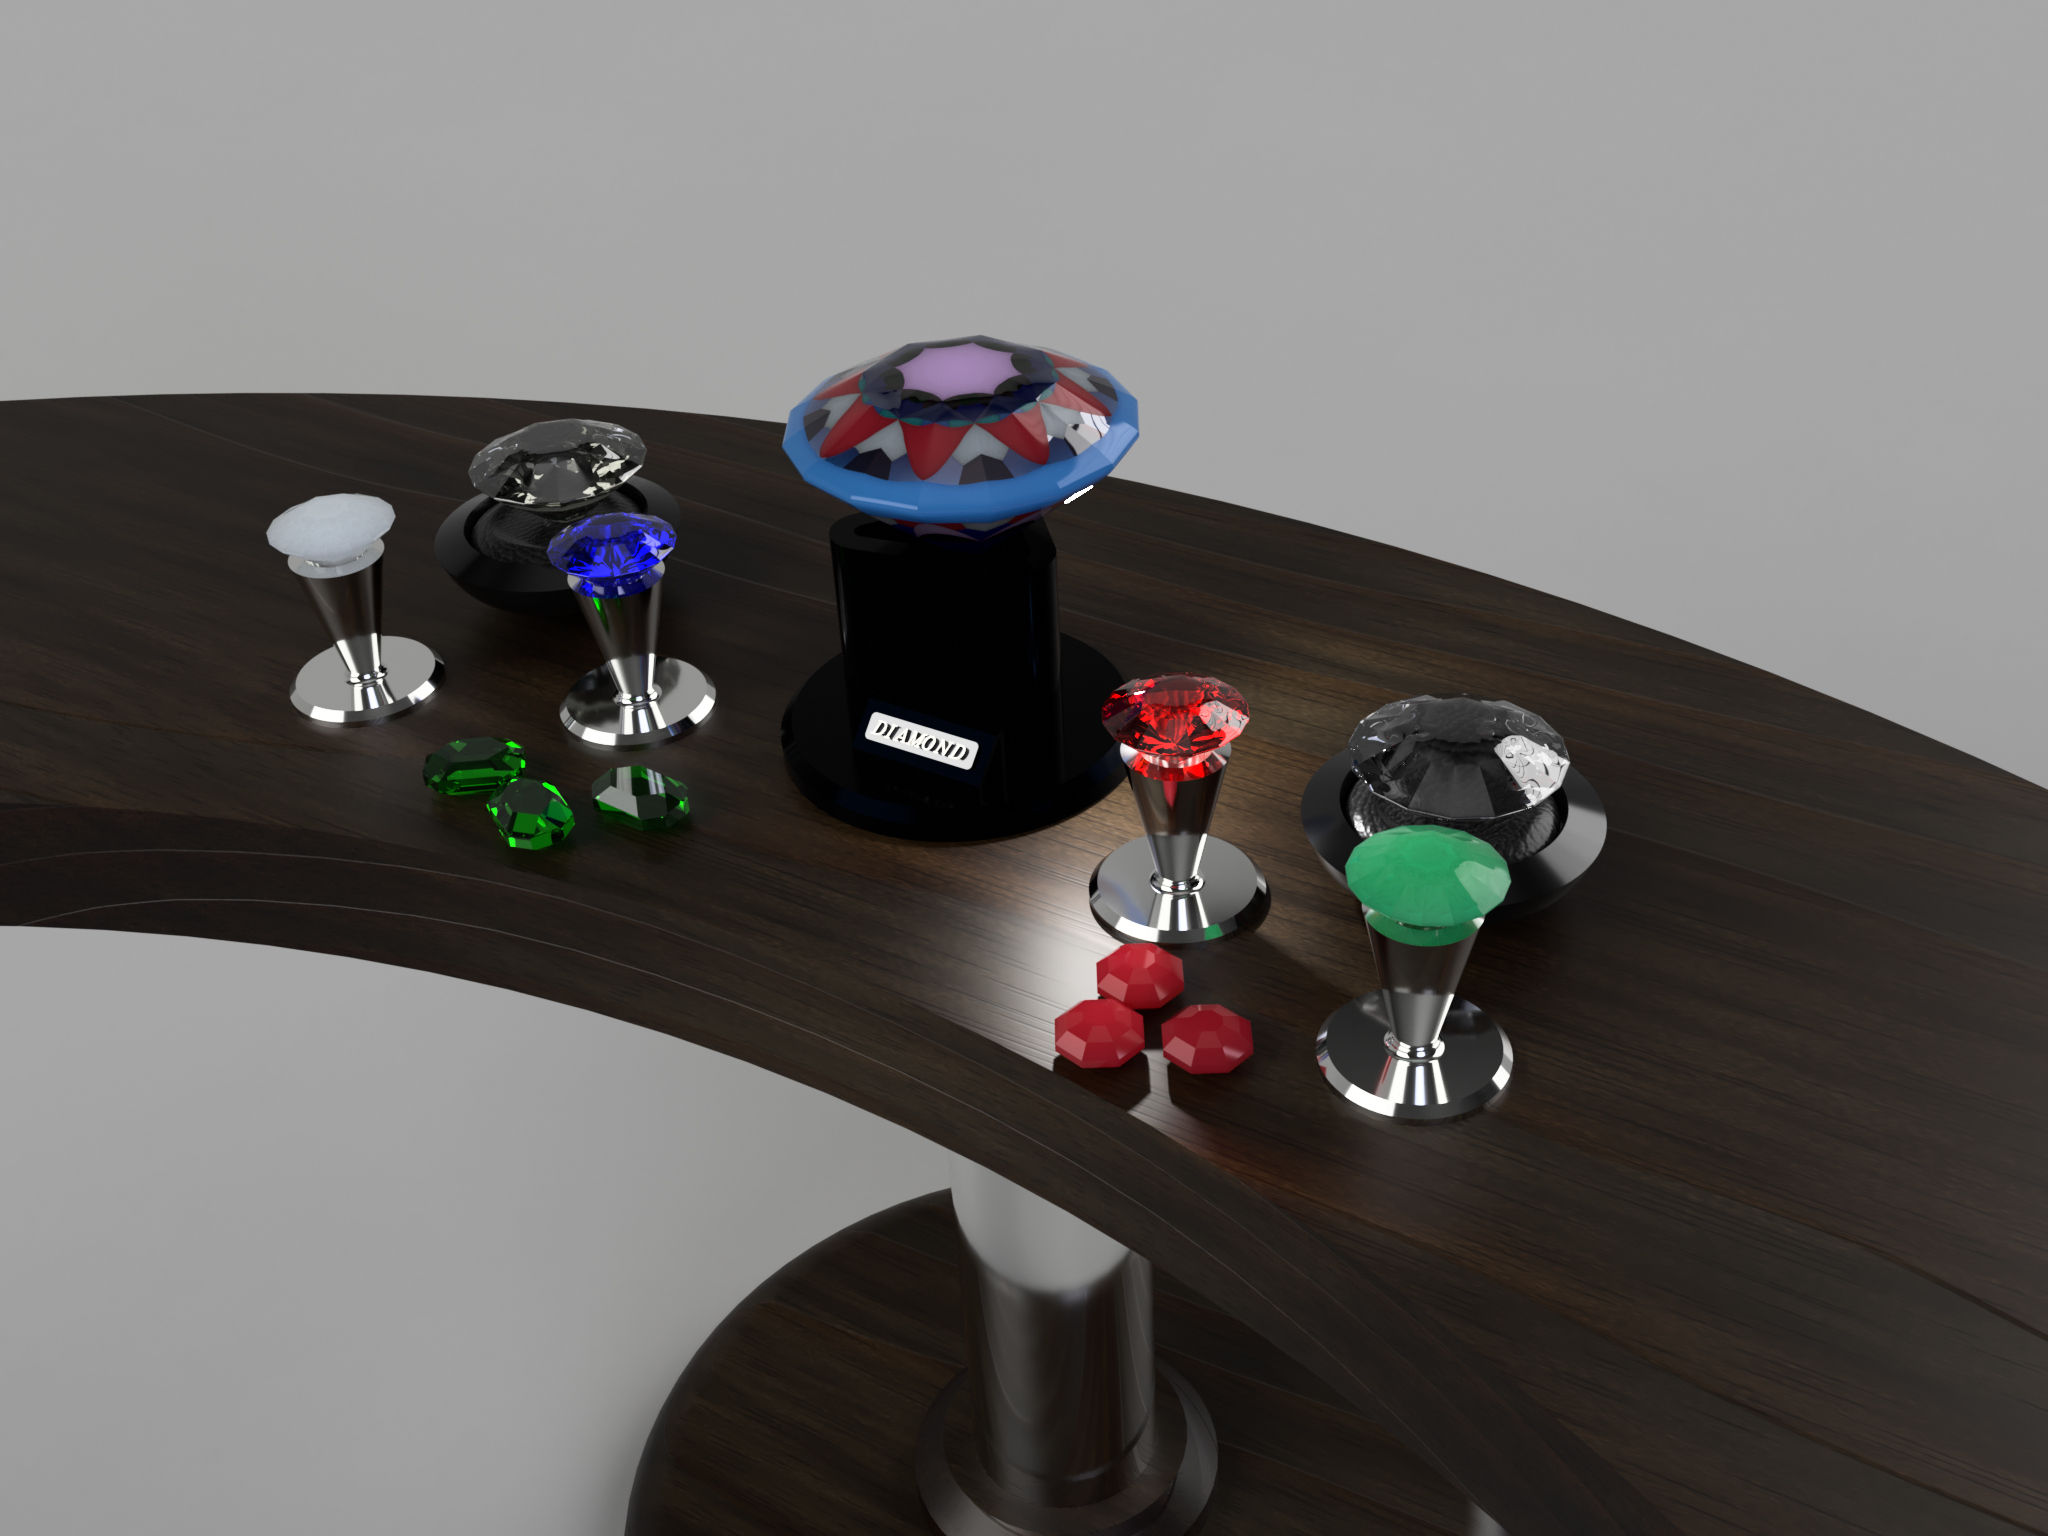 Mesa-2017-jul-27-10-30-13pm-000-customizedview7356410927-3500-3500